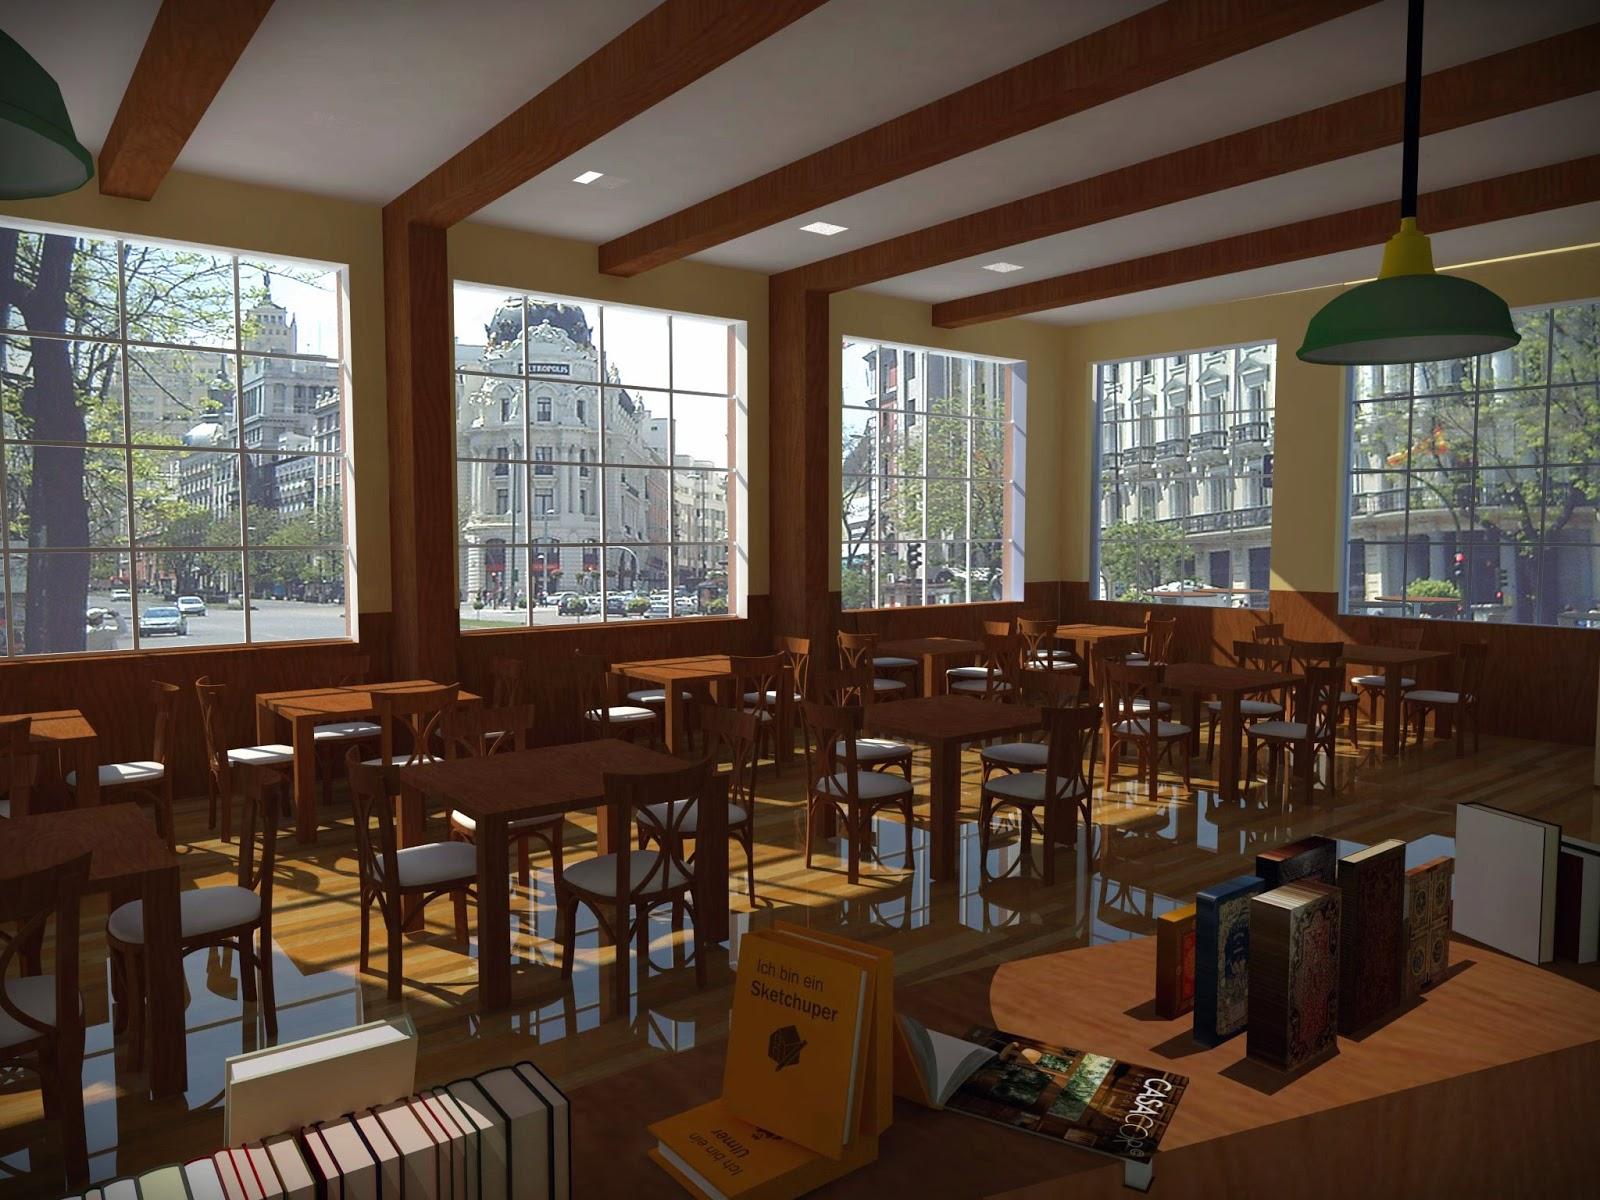 Dise o de interiores escuela de arte de motril 2012 12 02 - Escuela de diseno de interiores ...